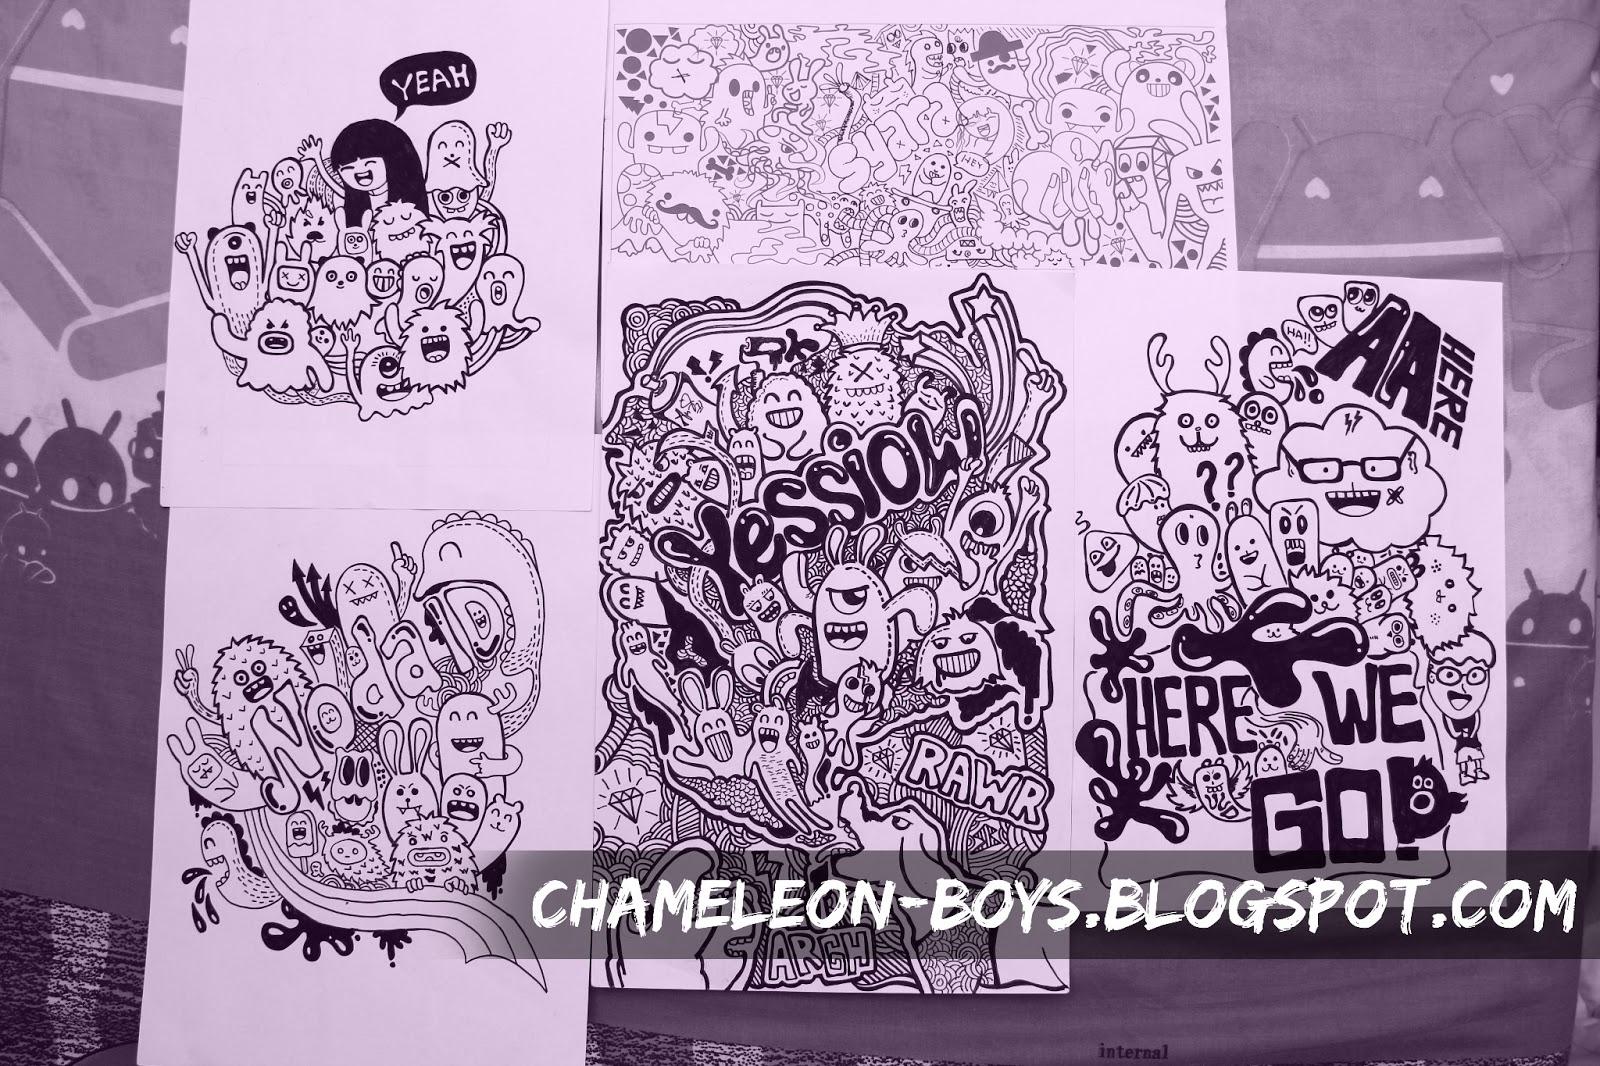 chameleonboys!